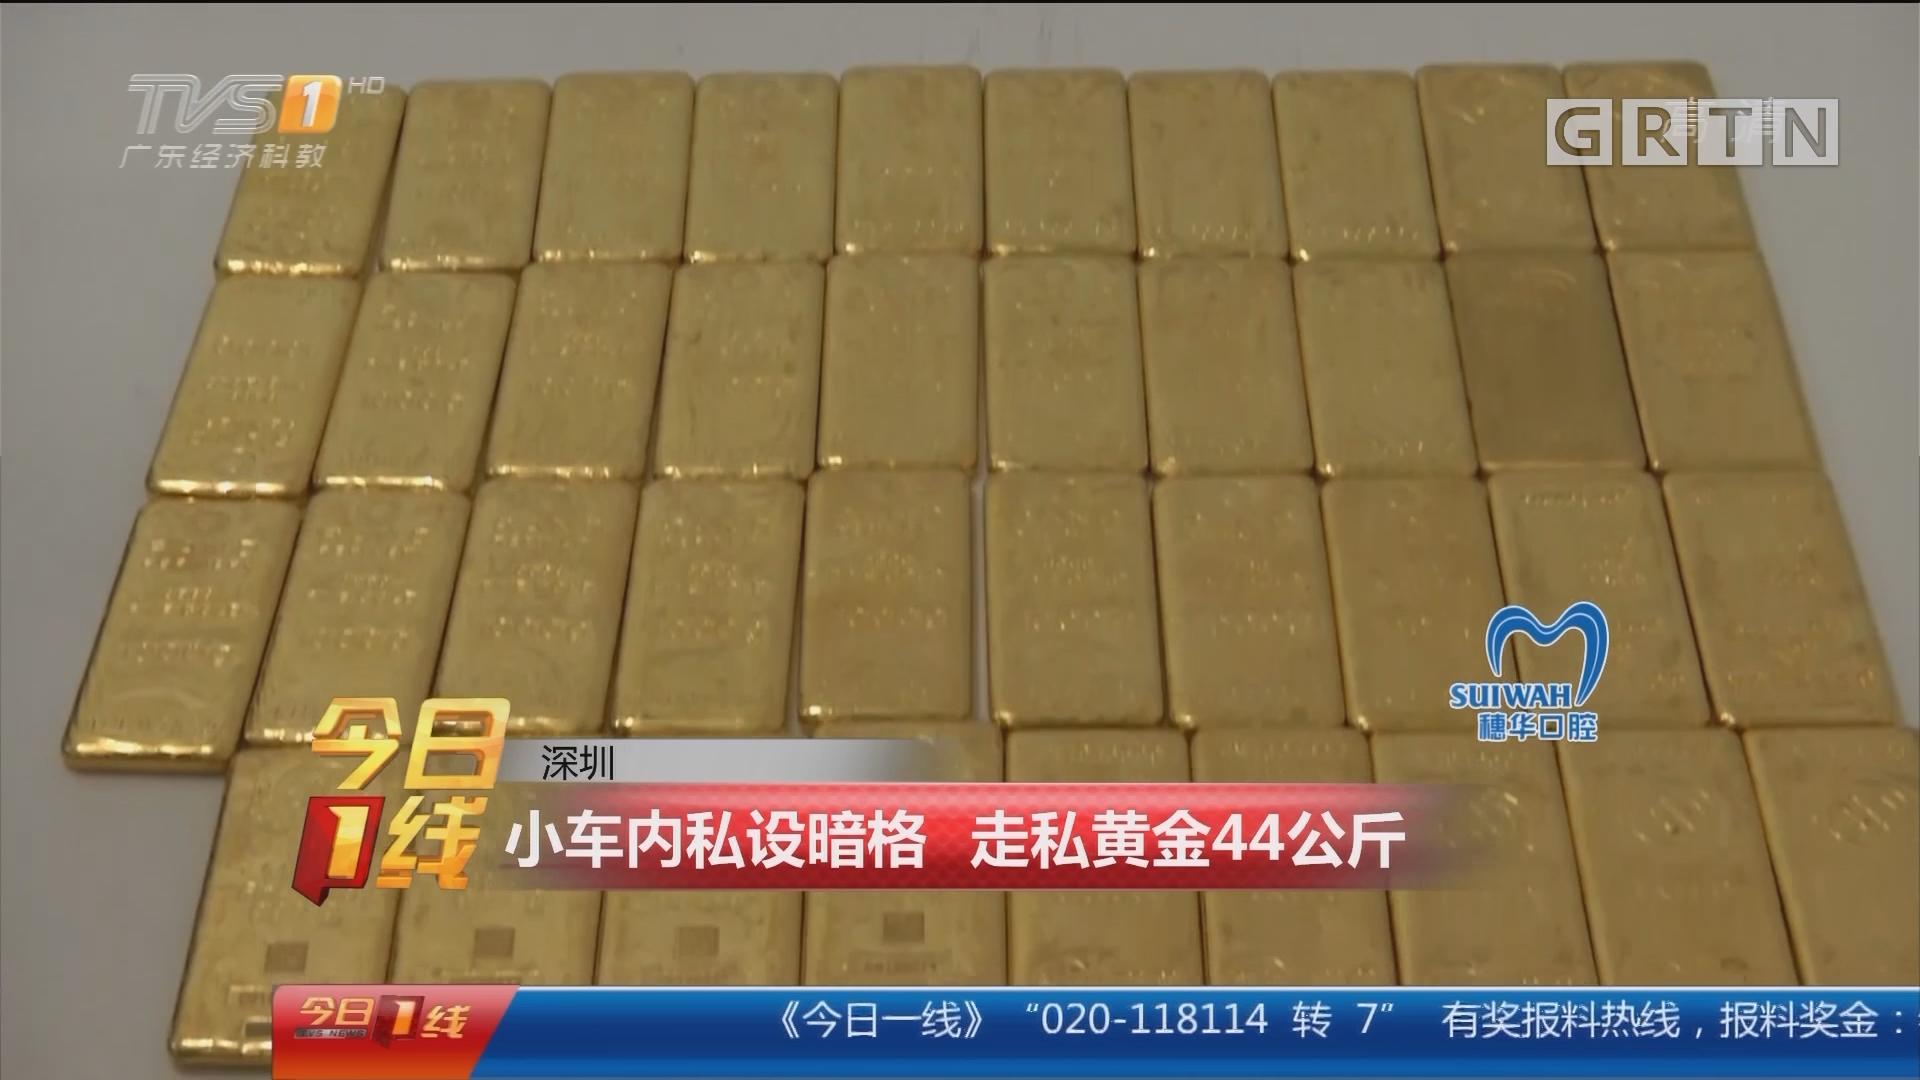 深圳:小车内私设暗格 走私黄金44公斤